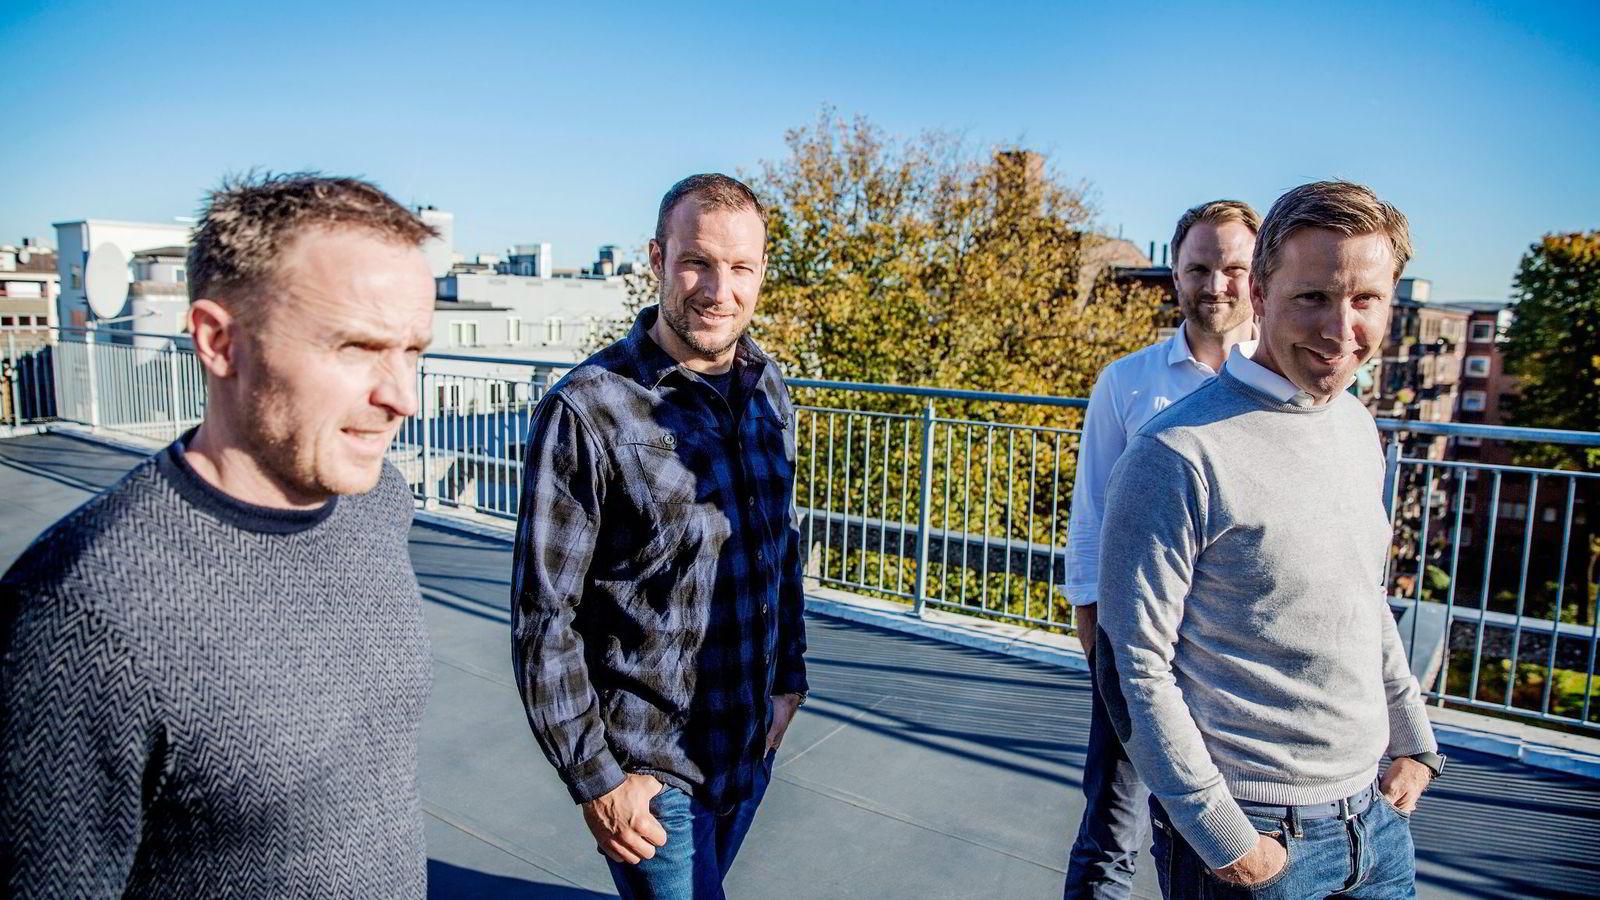 Alpinist Aksel Lund Svindal (i rutete skjorte) har investert i Norselab. Her med grunnleggerne  Christian Lundvang (fra venstre), Yngve Tvedt og selskapets sjef Kjetil Olsen. Foto: Fredrik Bjerknes